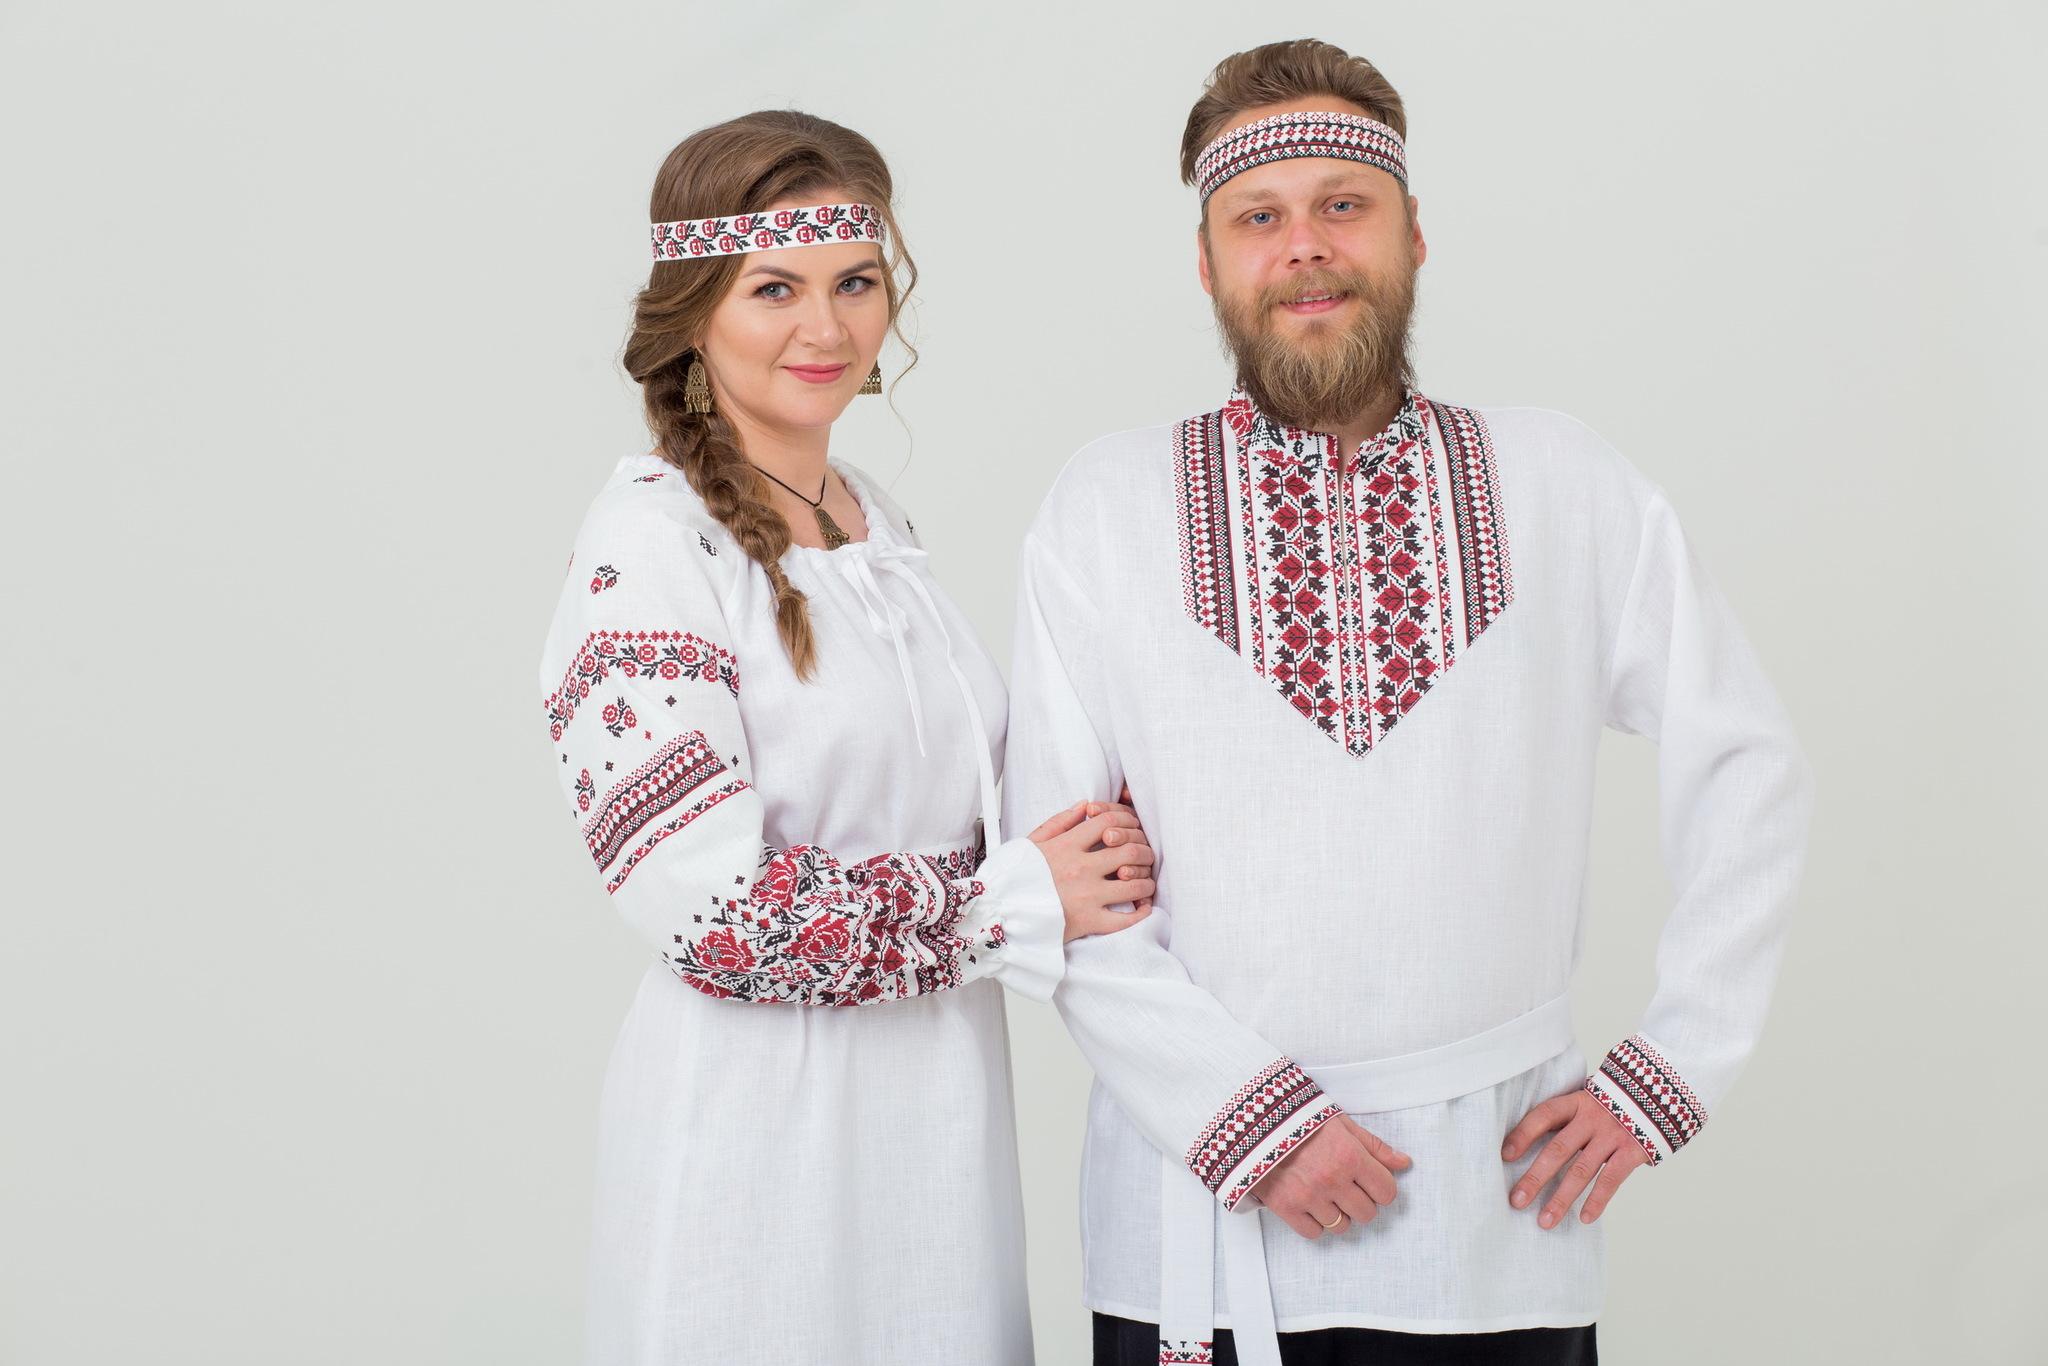 Платье льняное Женское счастье и Рубаха льняная Мужская сила комплект